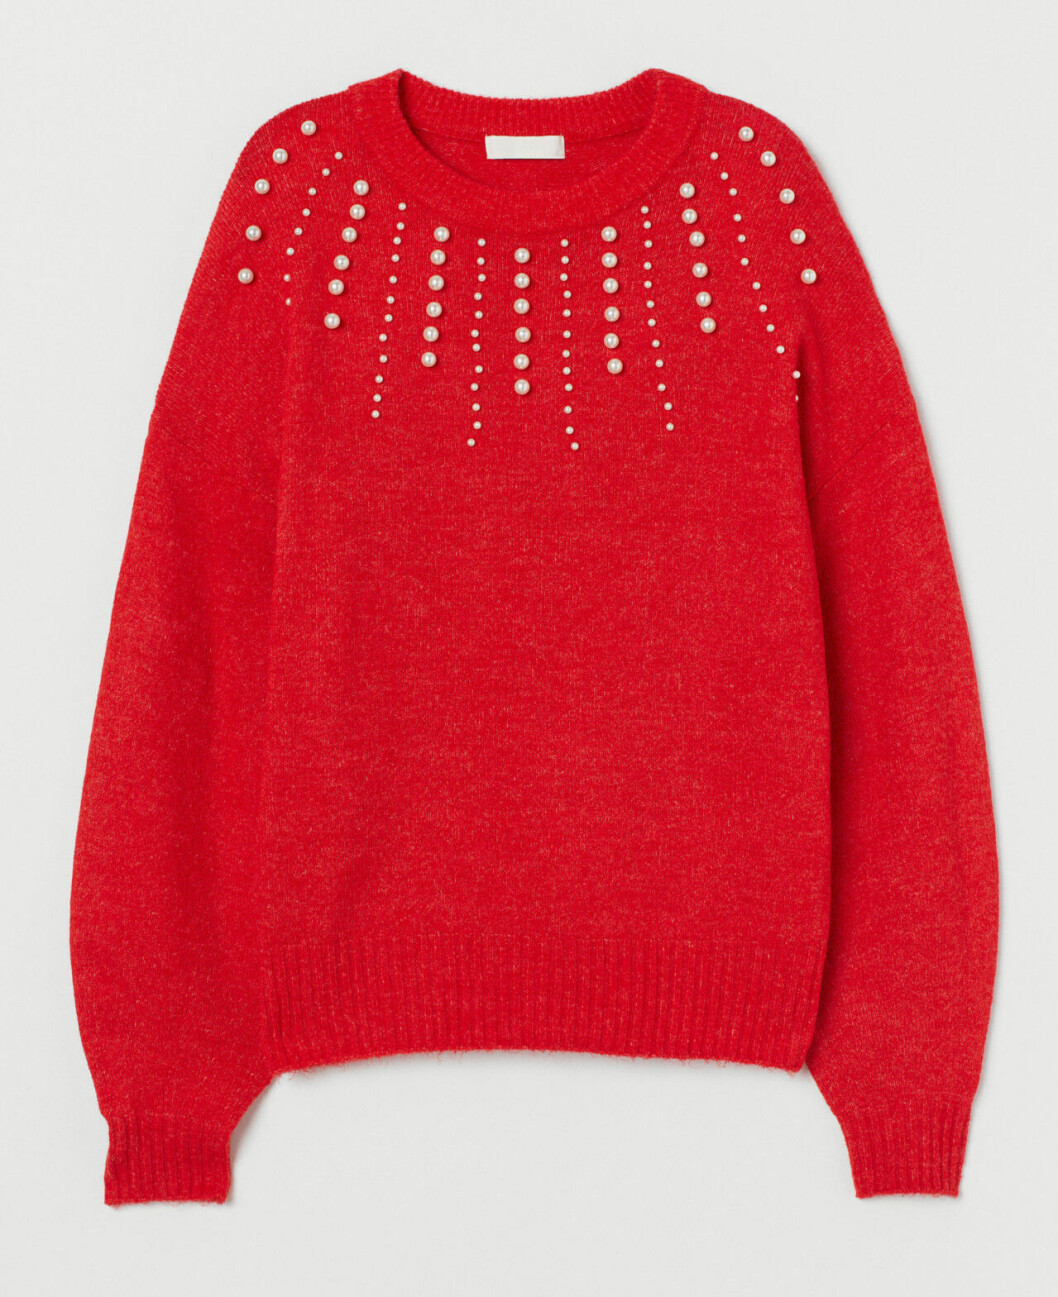 Röd stickad tröja med pärlor till festen